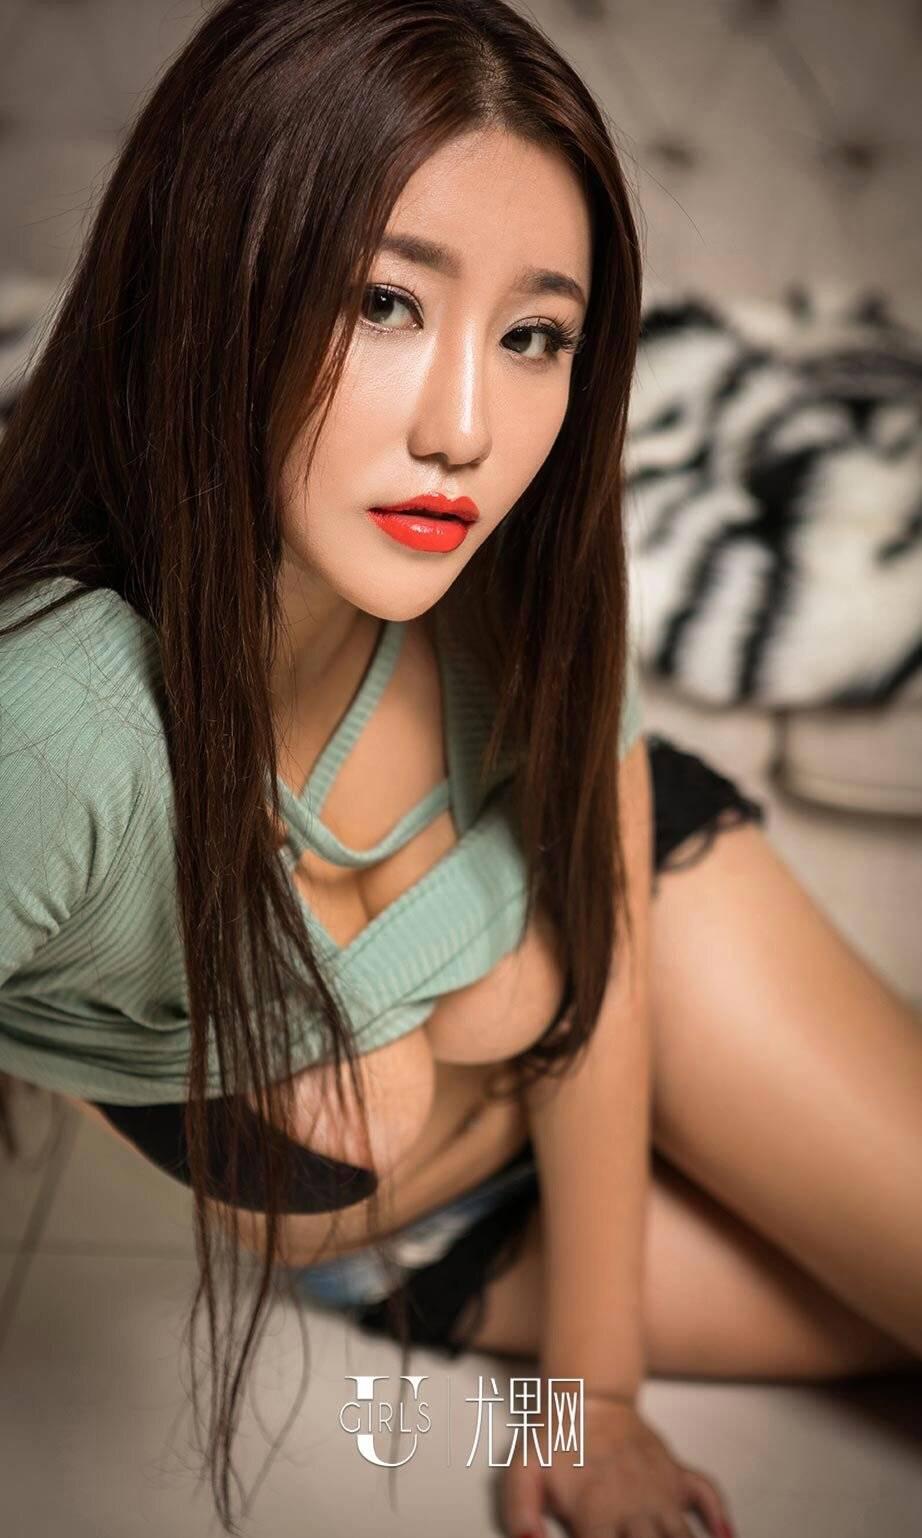 Kristalivy  Ugirls Vol424  Round Perfect Boobs-3832